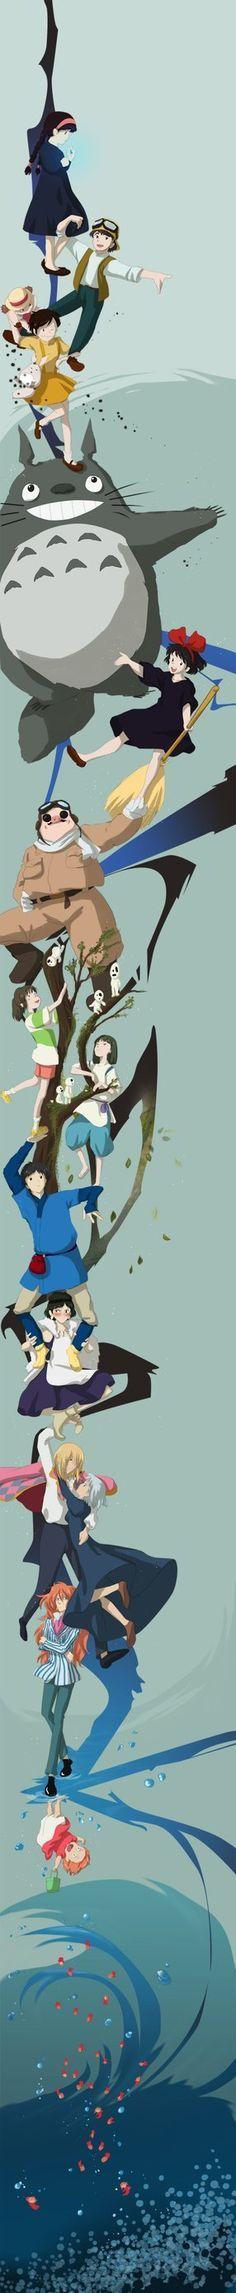 Le château dans le ciel, Mon voisin Totoro, Kiki la petite sorcière, Porco Rosso, Le voyage de Chihiro, Princesse Mononoke, Le château ambulant, Ponyo sur la falaise